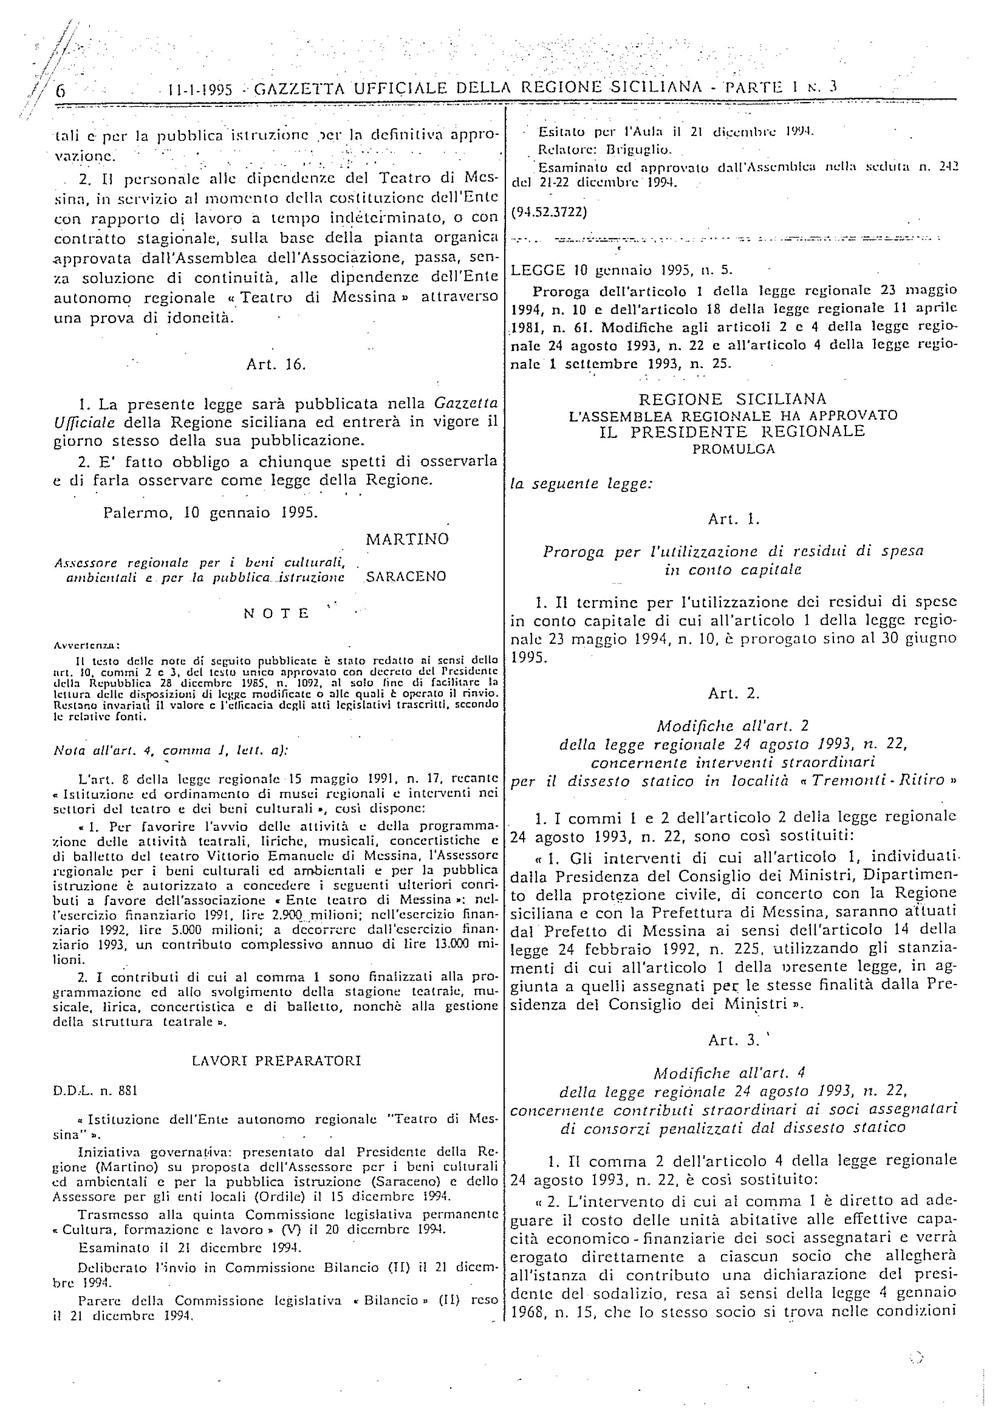 Legge 10 gennaio 1995 n. 4_Pagina_5